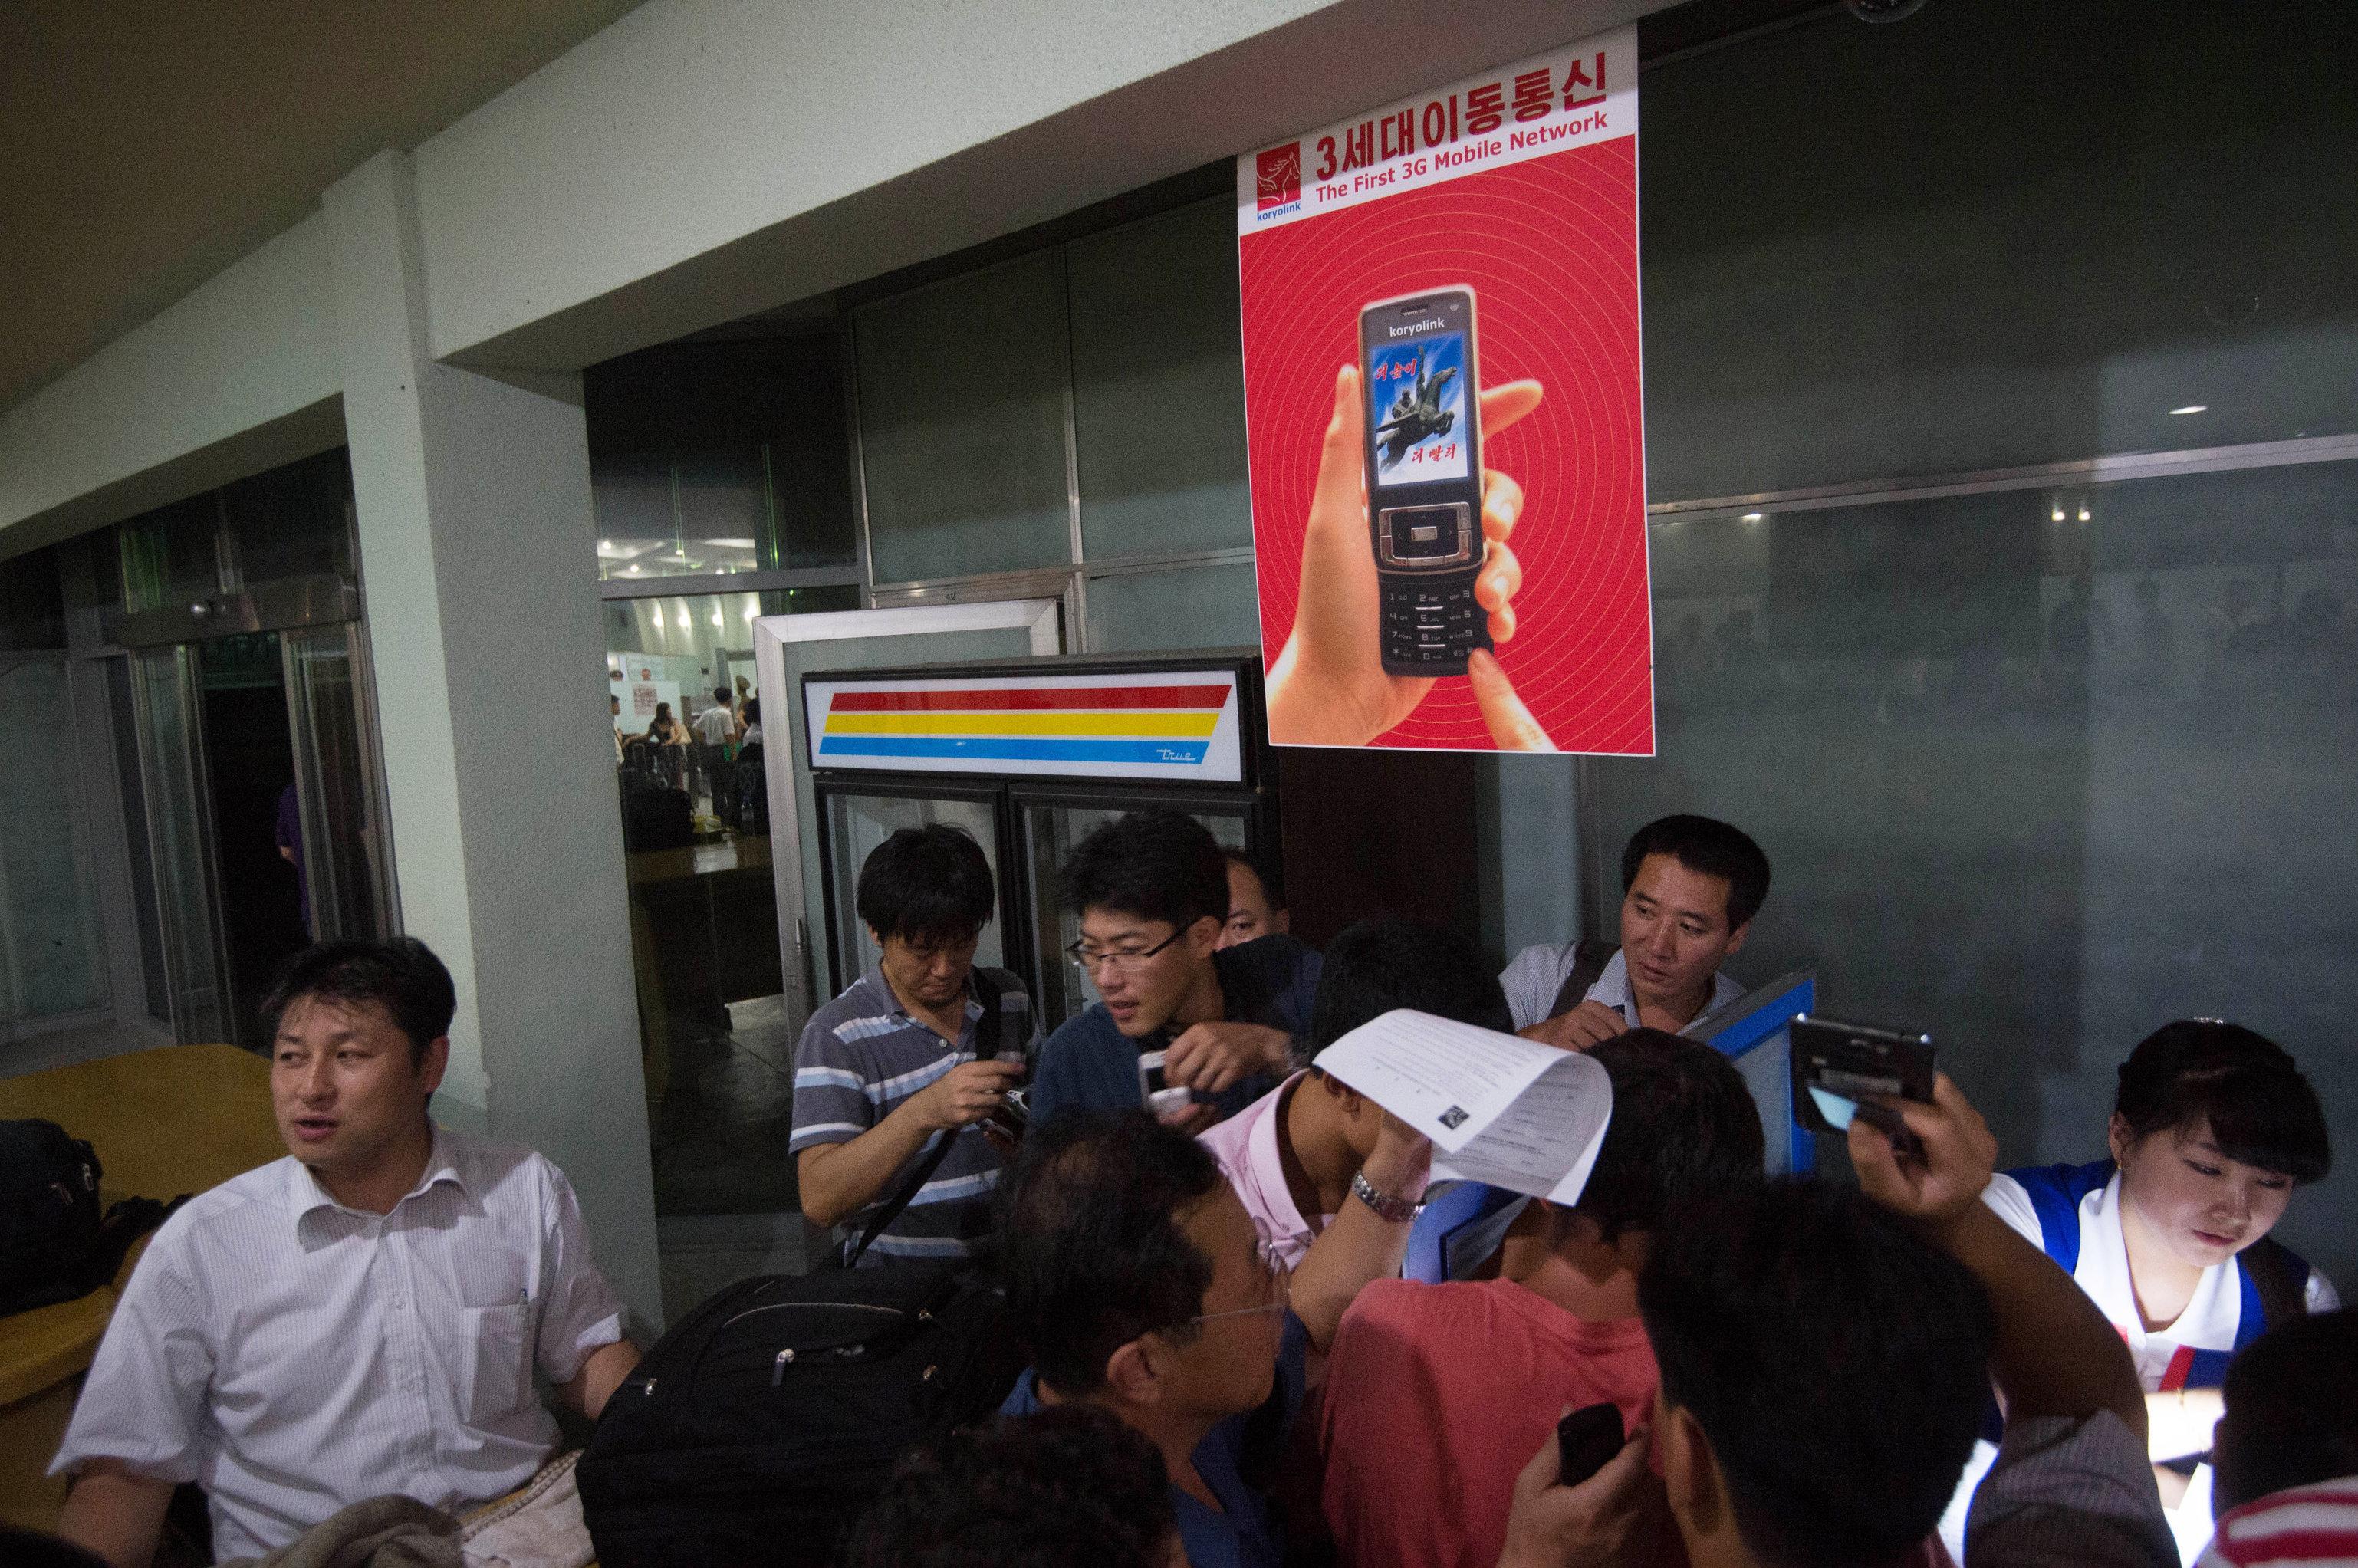 À l'aéroport de Pyongyang, un poste de location de portables pour les étrangers